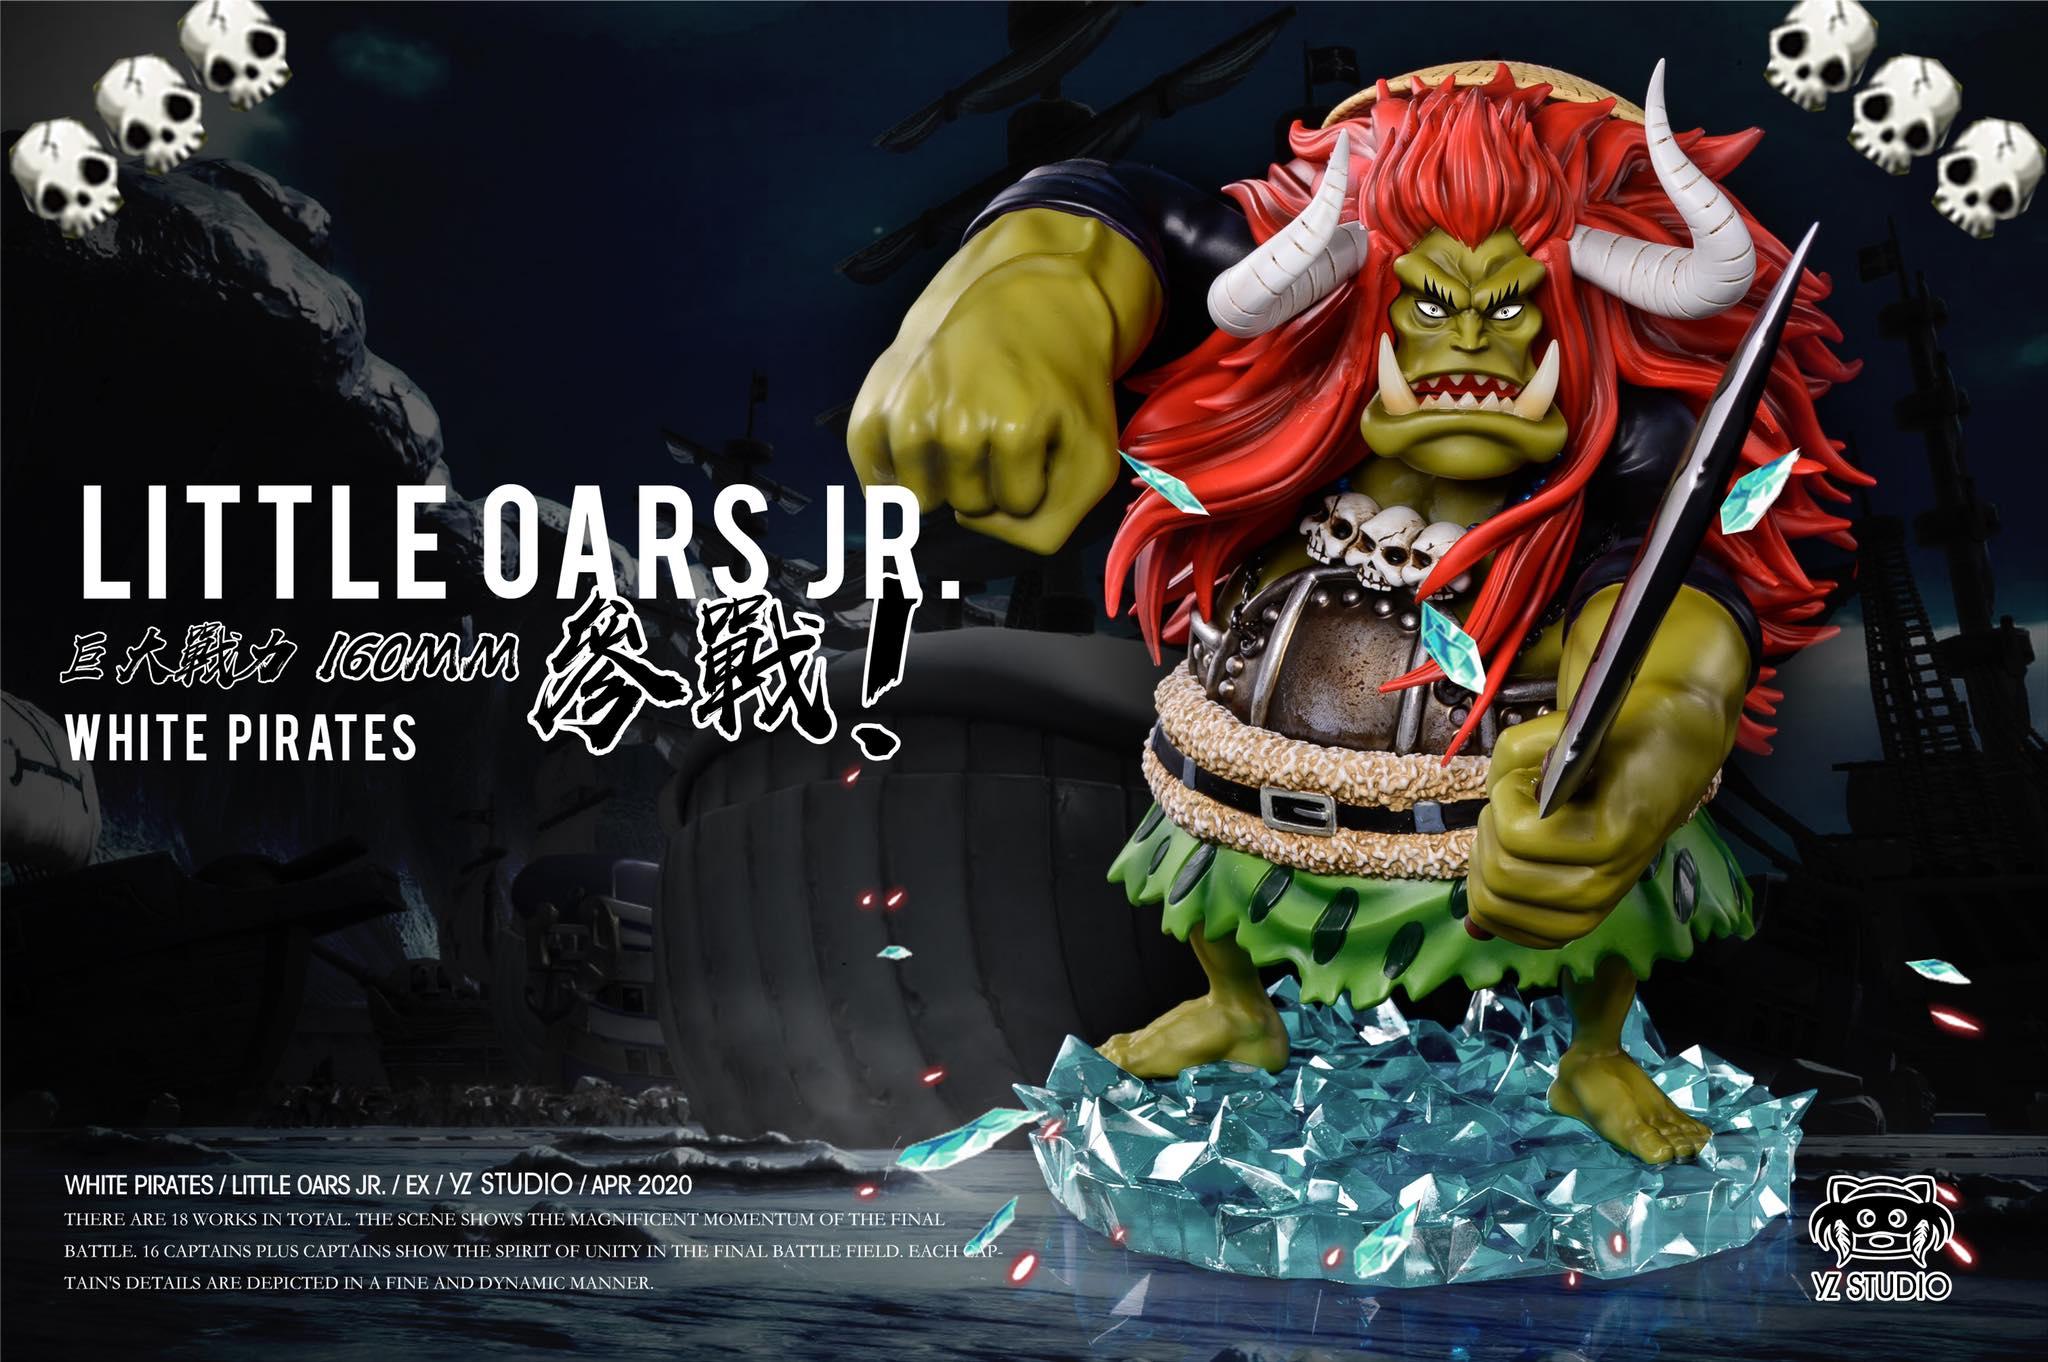 Oarc JR By YZ Studio